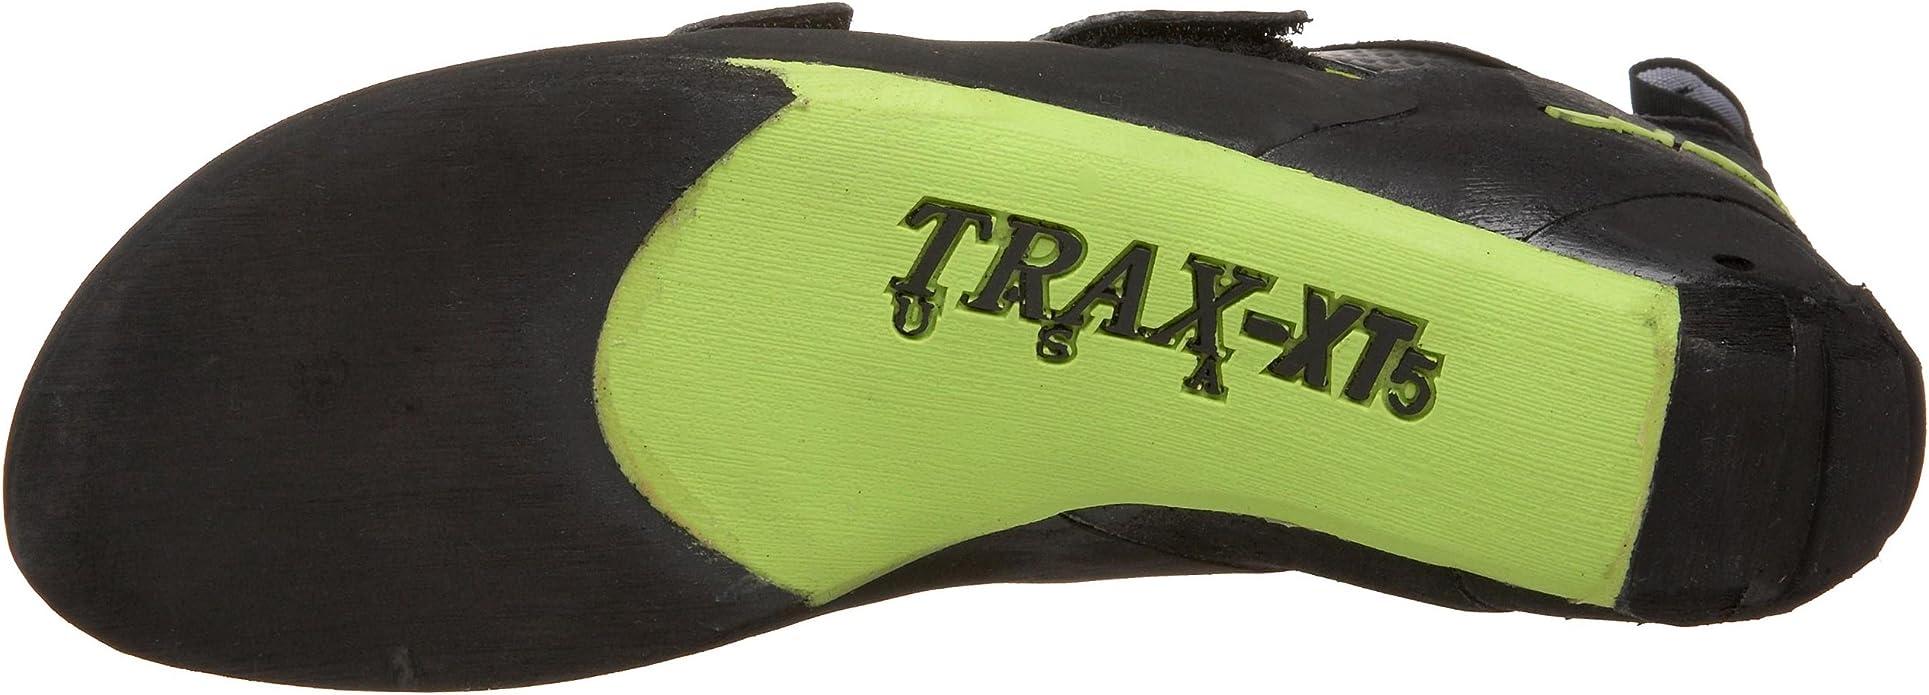 Evolv - Zapatillas de Escalada para Mujer Verde: Amazon.es ...